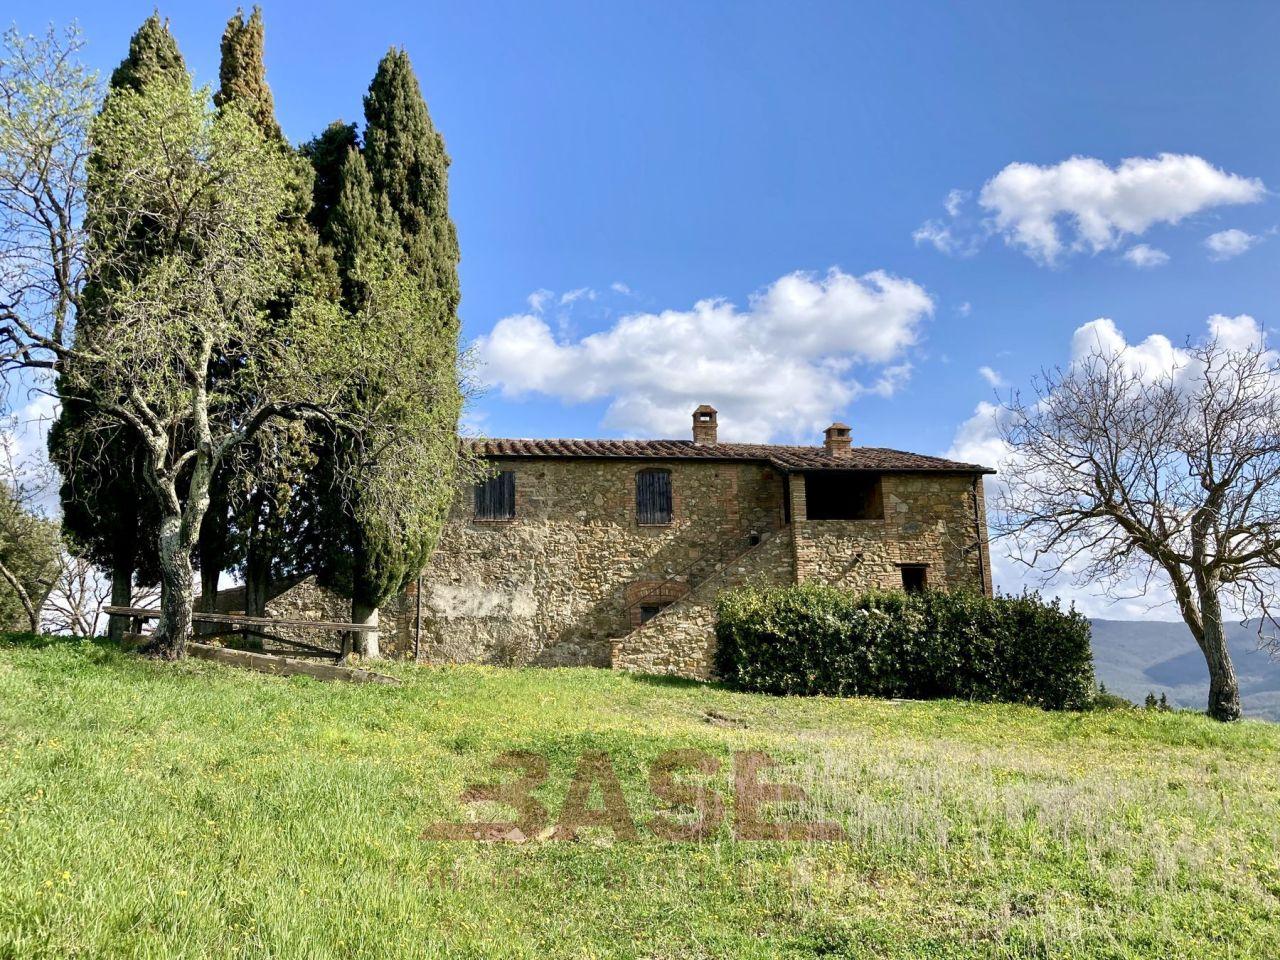 Rustico / Casale in vendita a Montecatini Val di Cecina, 10 locali, prezzo € 360.000 | CambioCasa.it